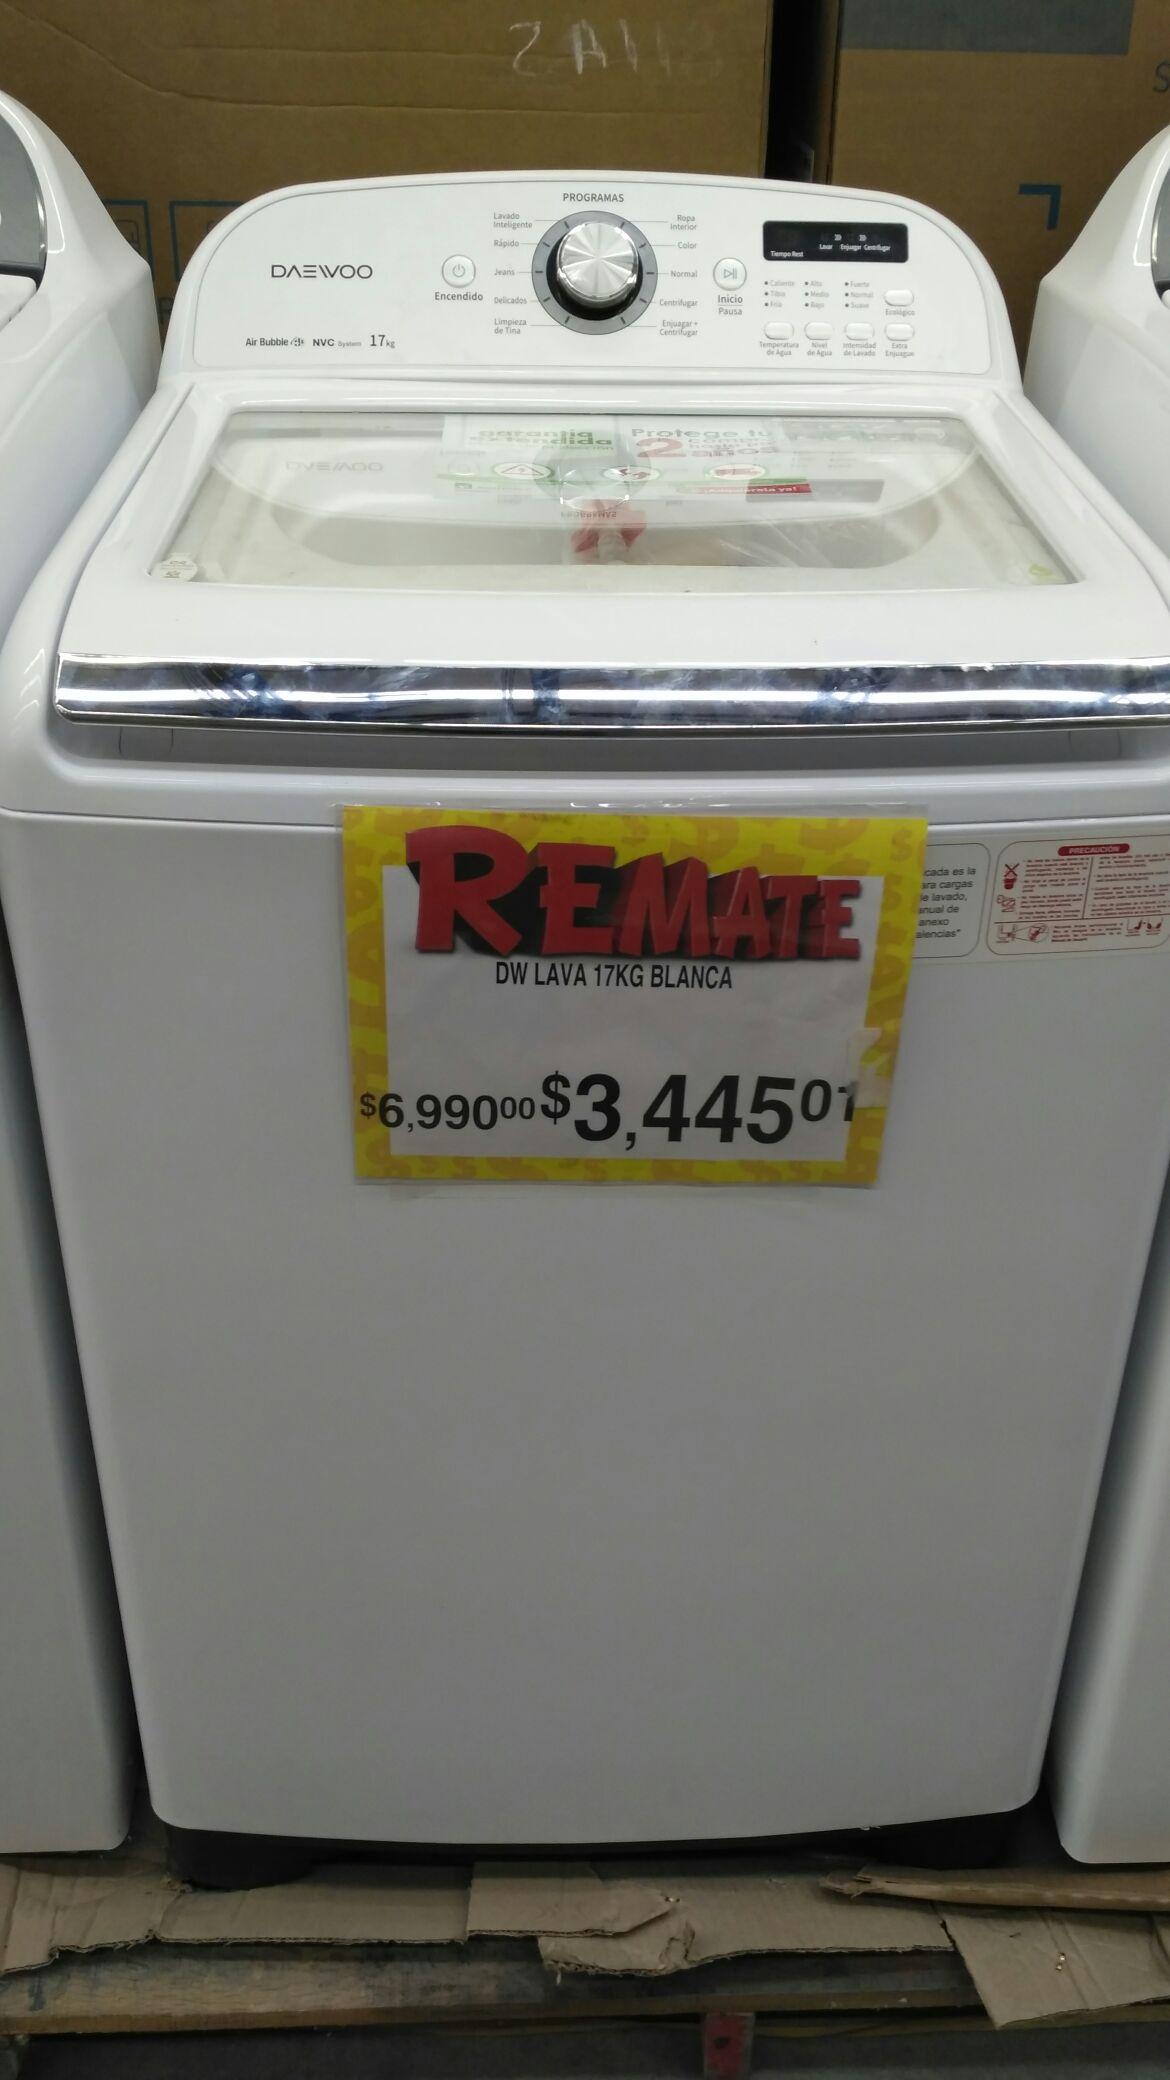 Bodega Aurrerá Tepatitlan: lavadora daewo de 17 Kg a $3,445.01